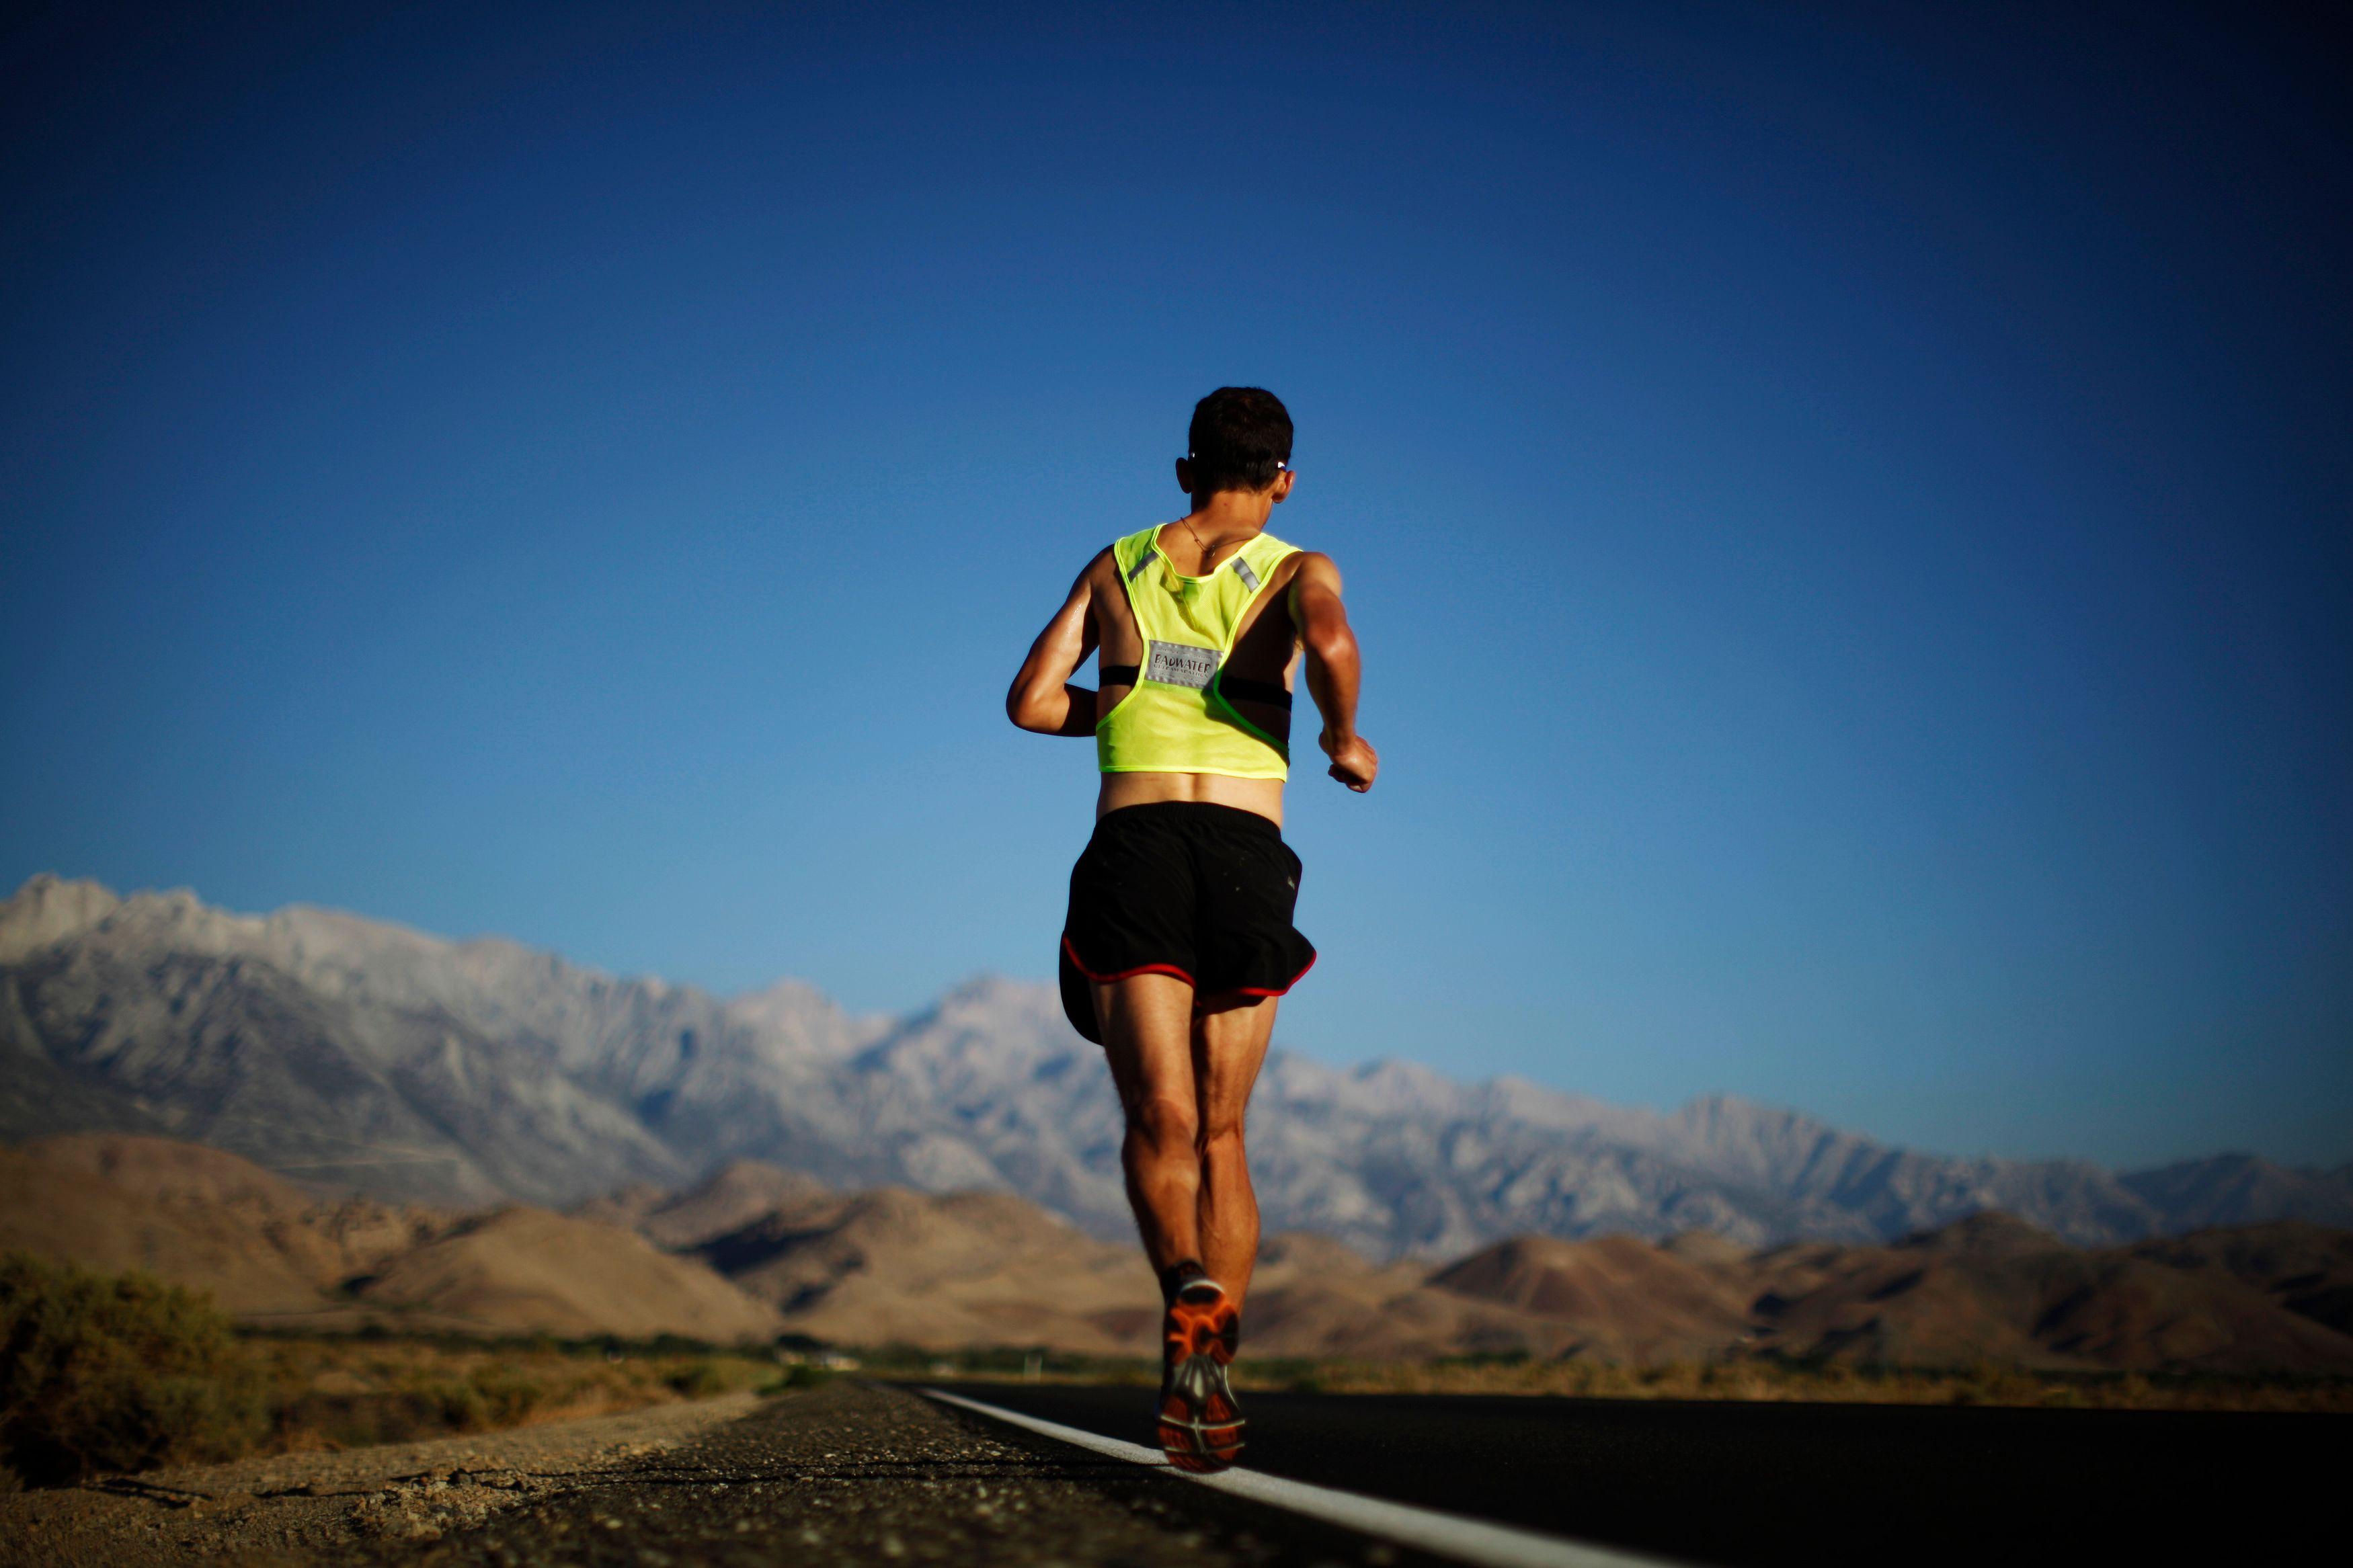 Un bon équipement est indispensable pour courir